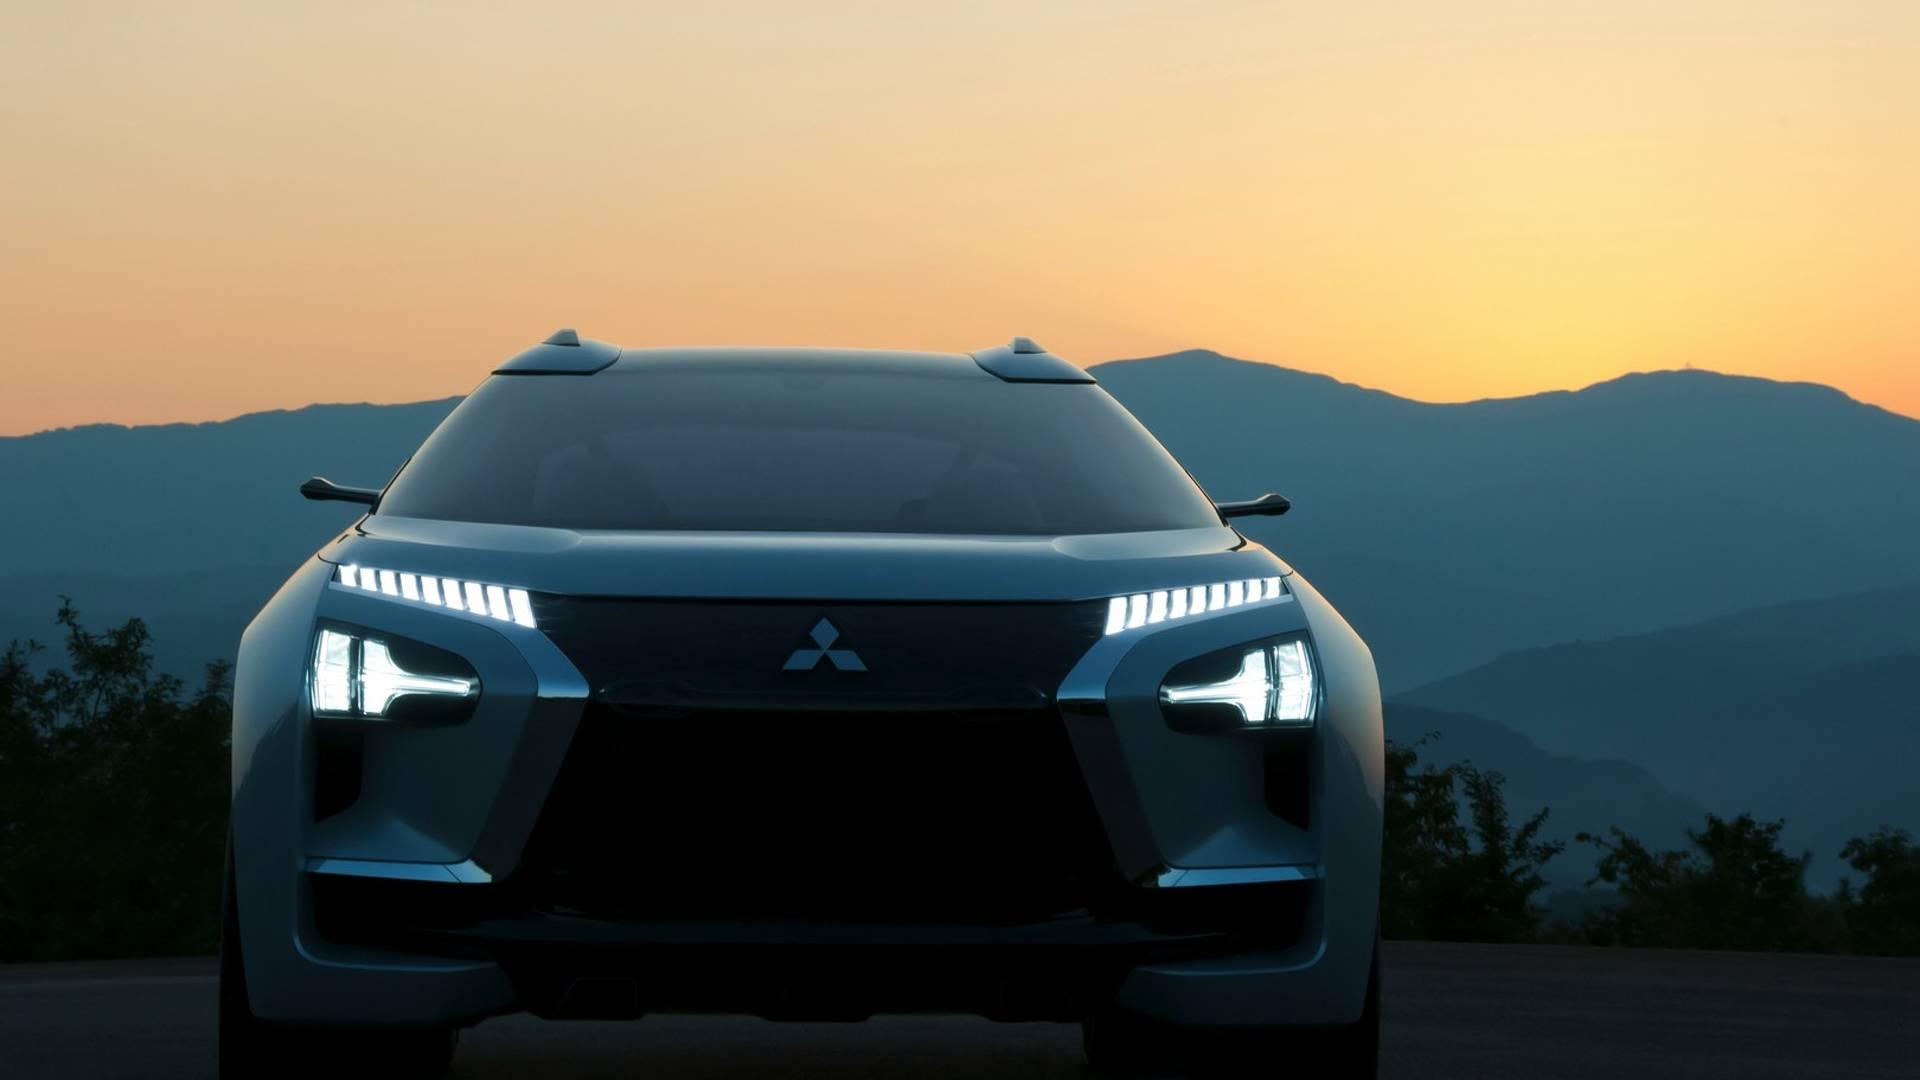 2017-mitsubishi-e-evolution-concept (7)